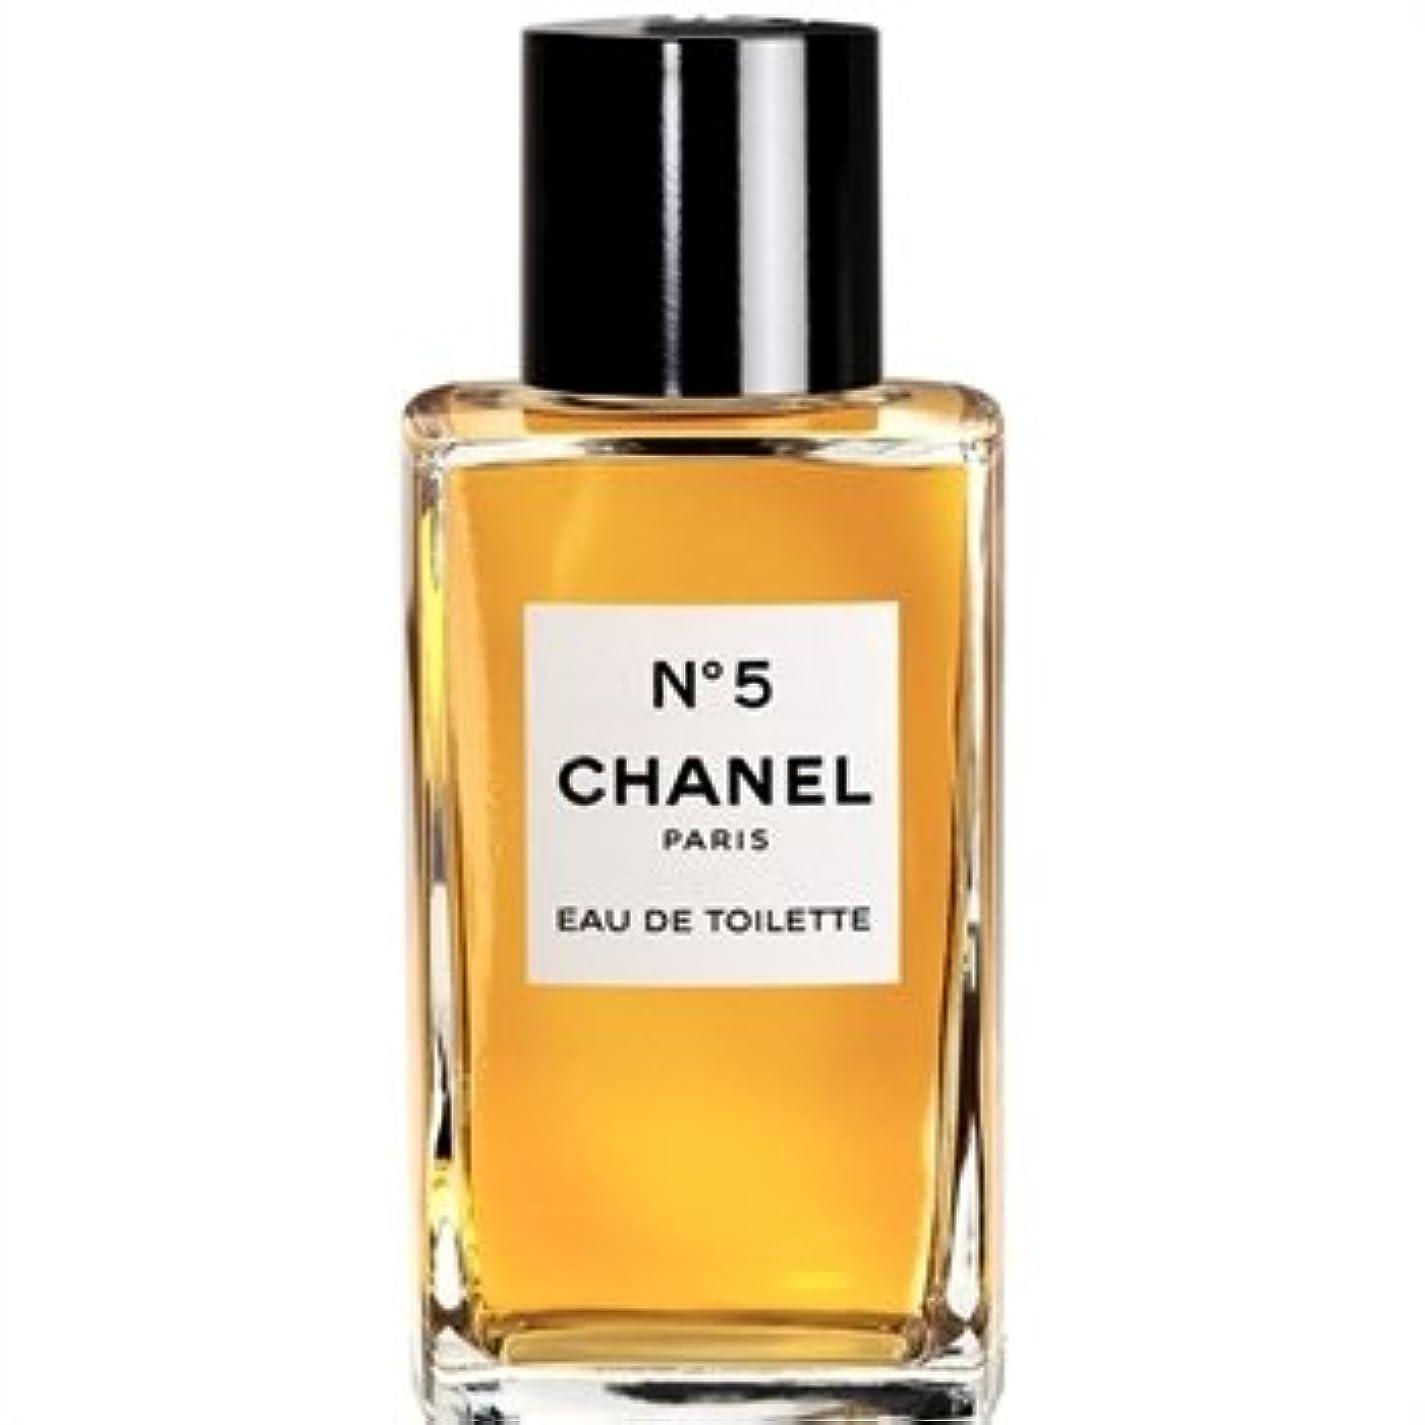 電気の暴力的な心配CHANEL(シャネル) No.5 EDT50ml オードゥトワレット ボトル